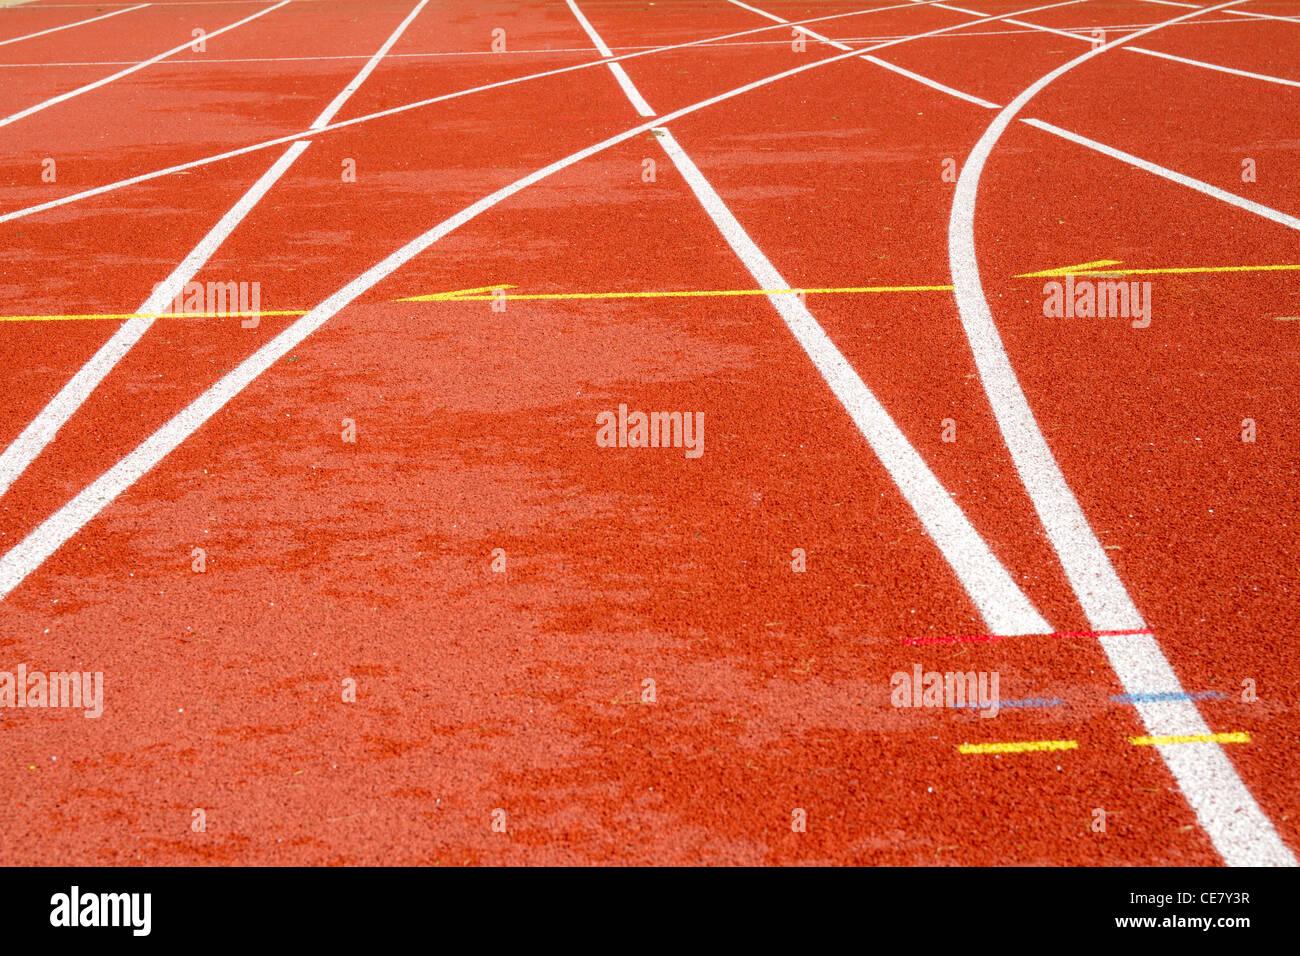 Pista de Atletismo de tartán en un estadio Imagen De Stock